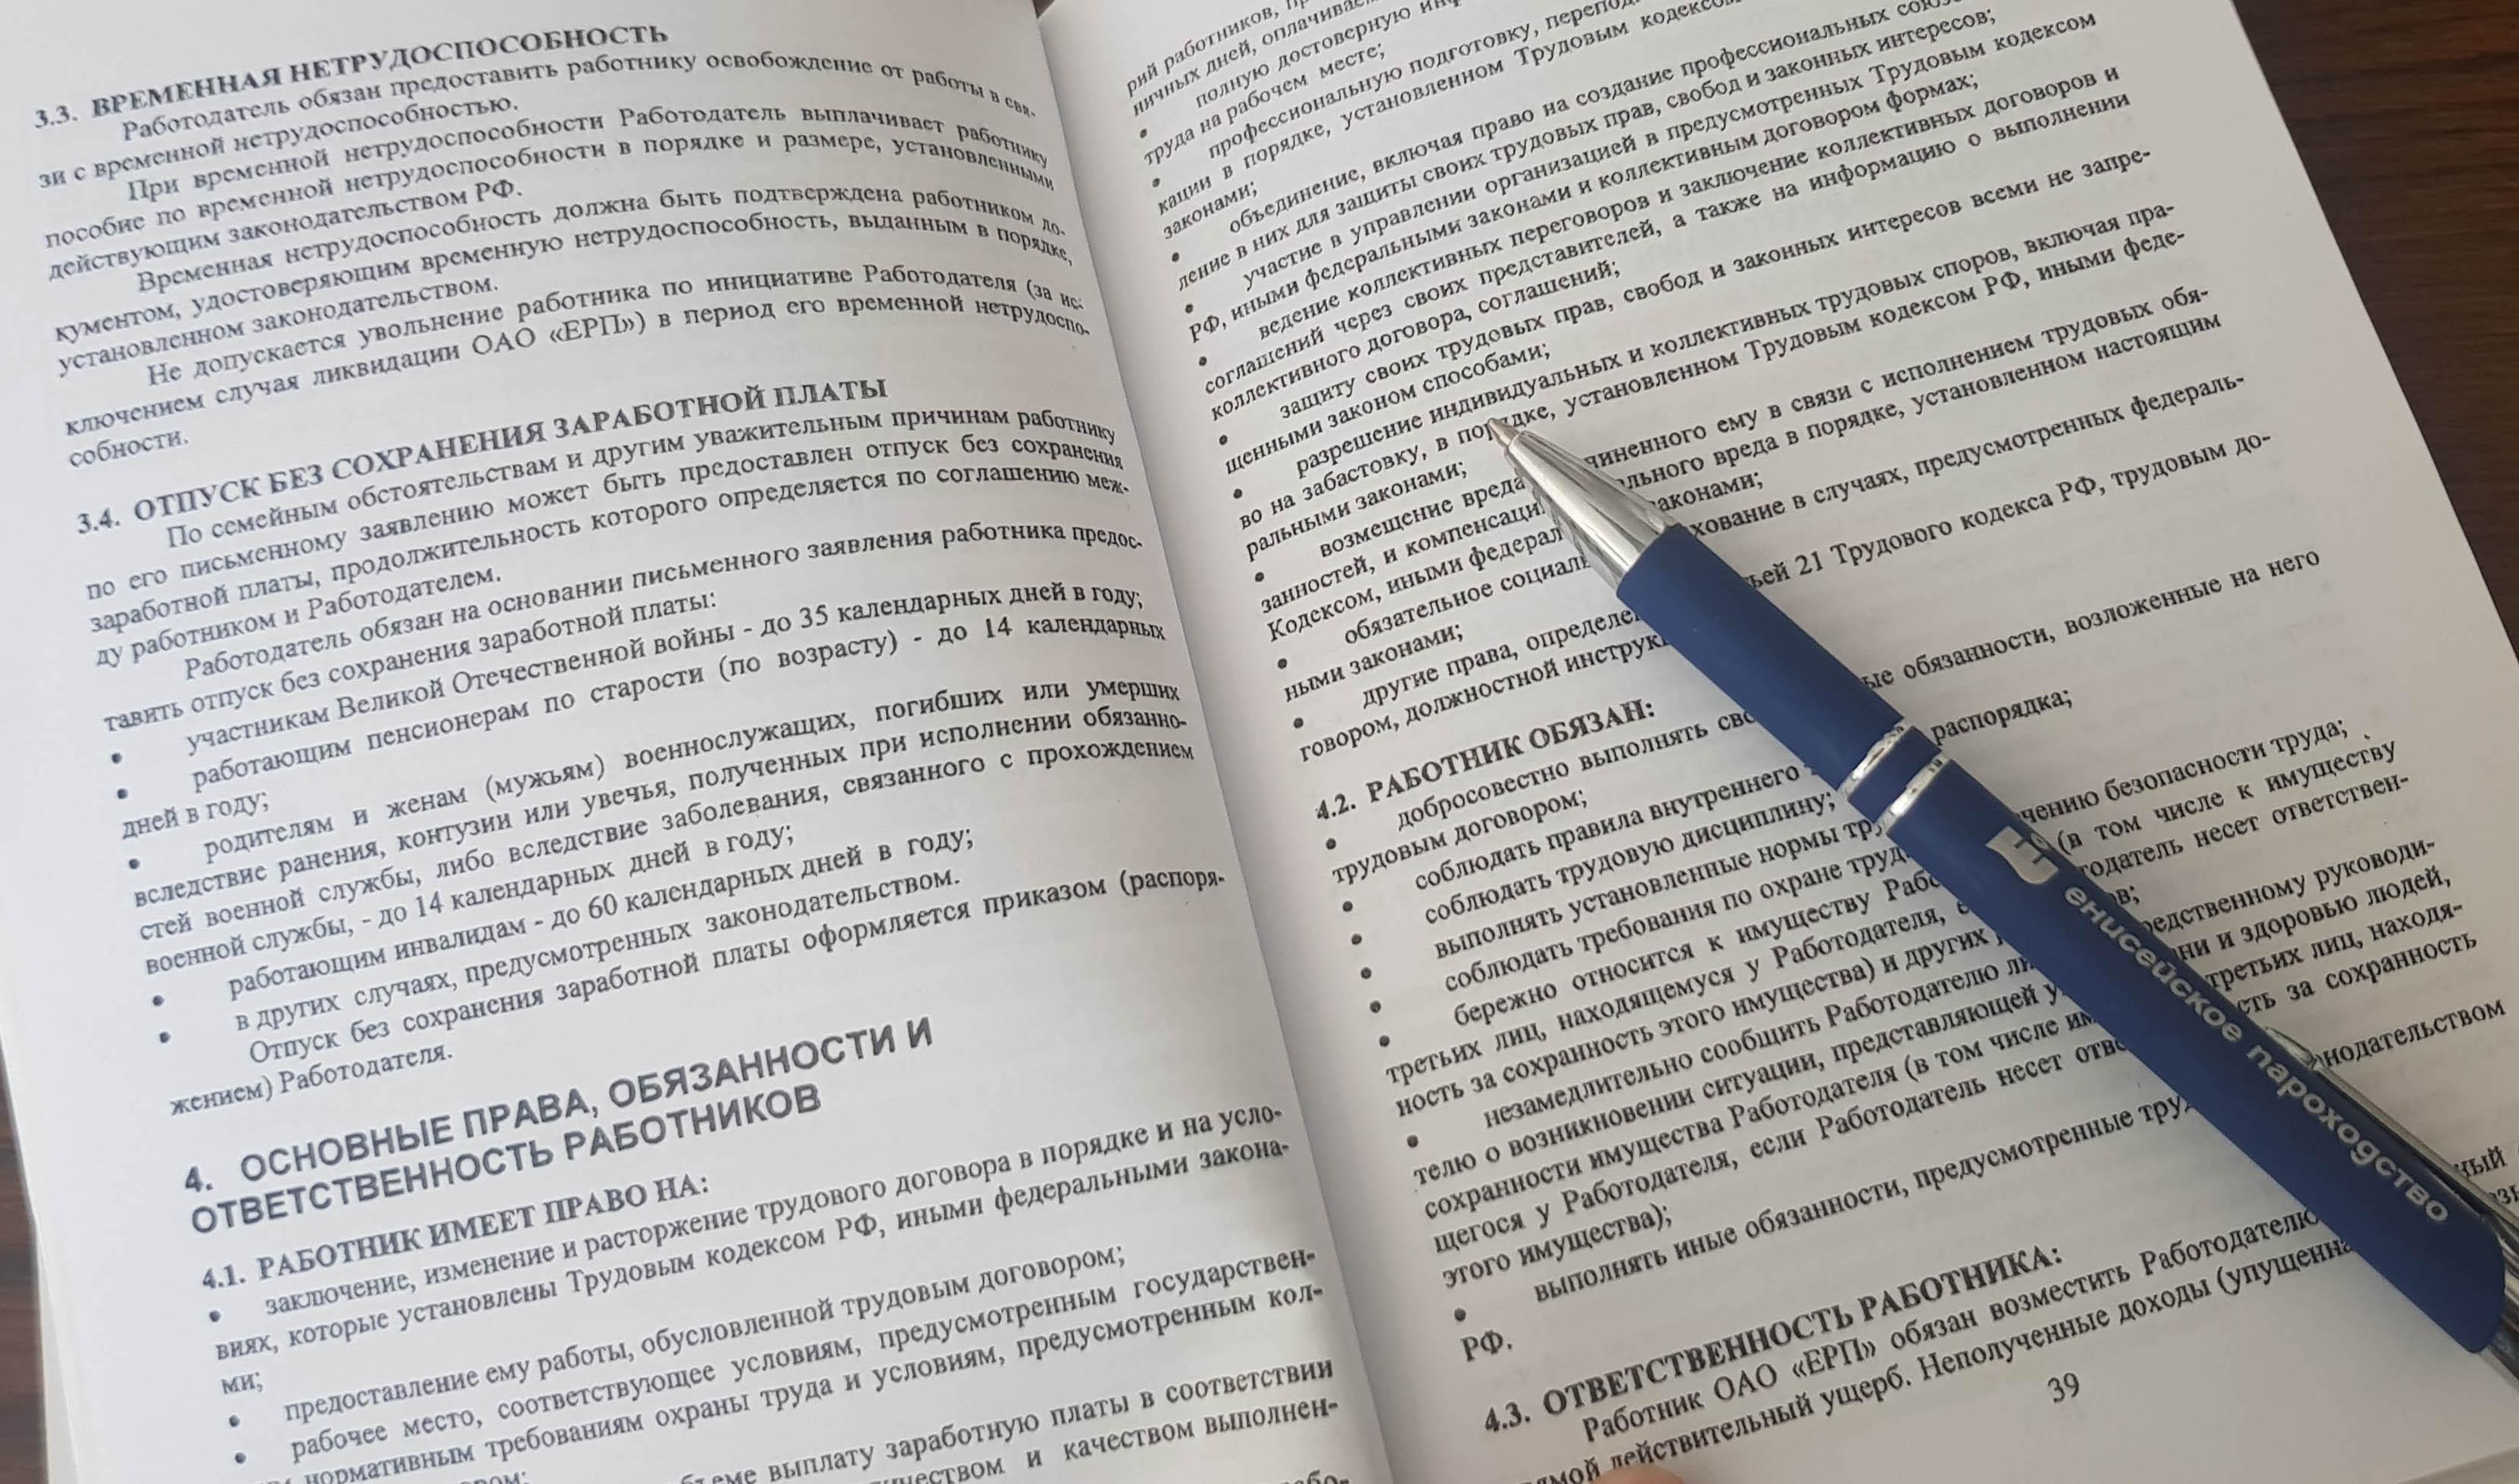 Положения о коллективном договоре в Трудовом кодексе РФ